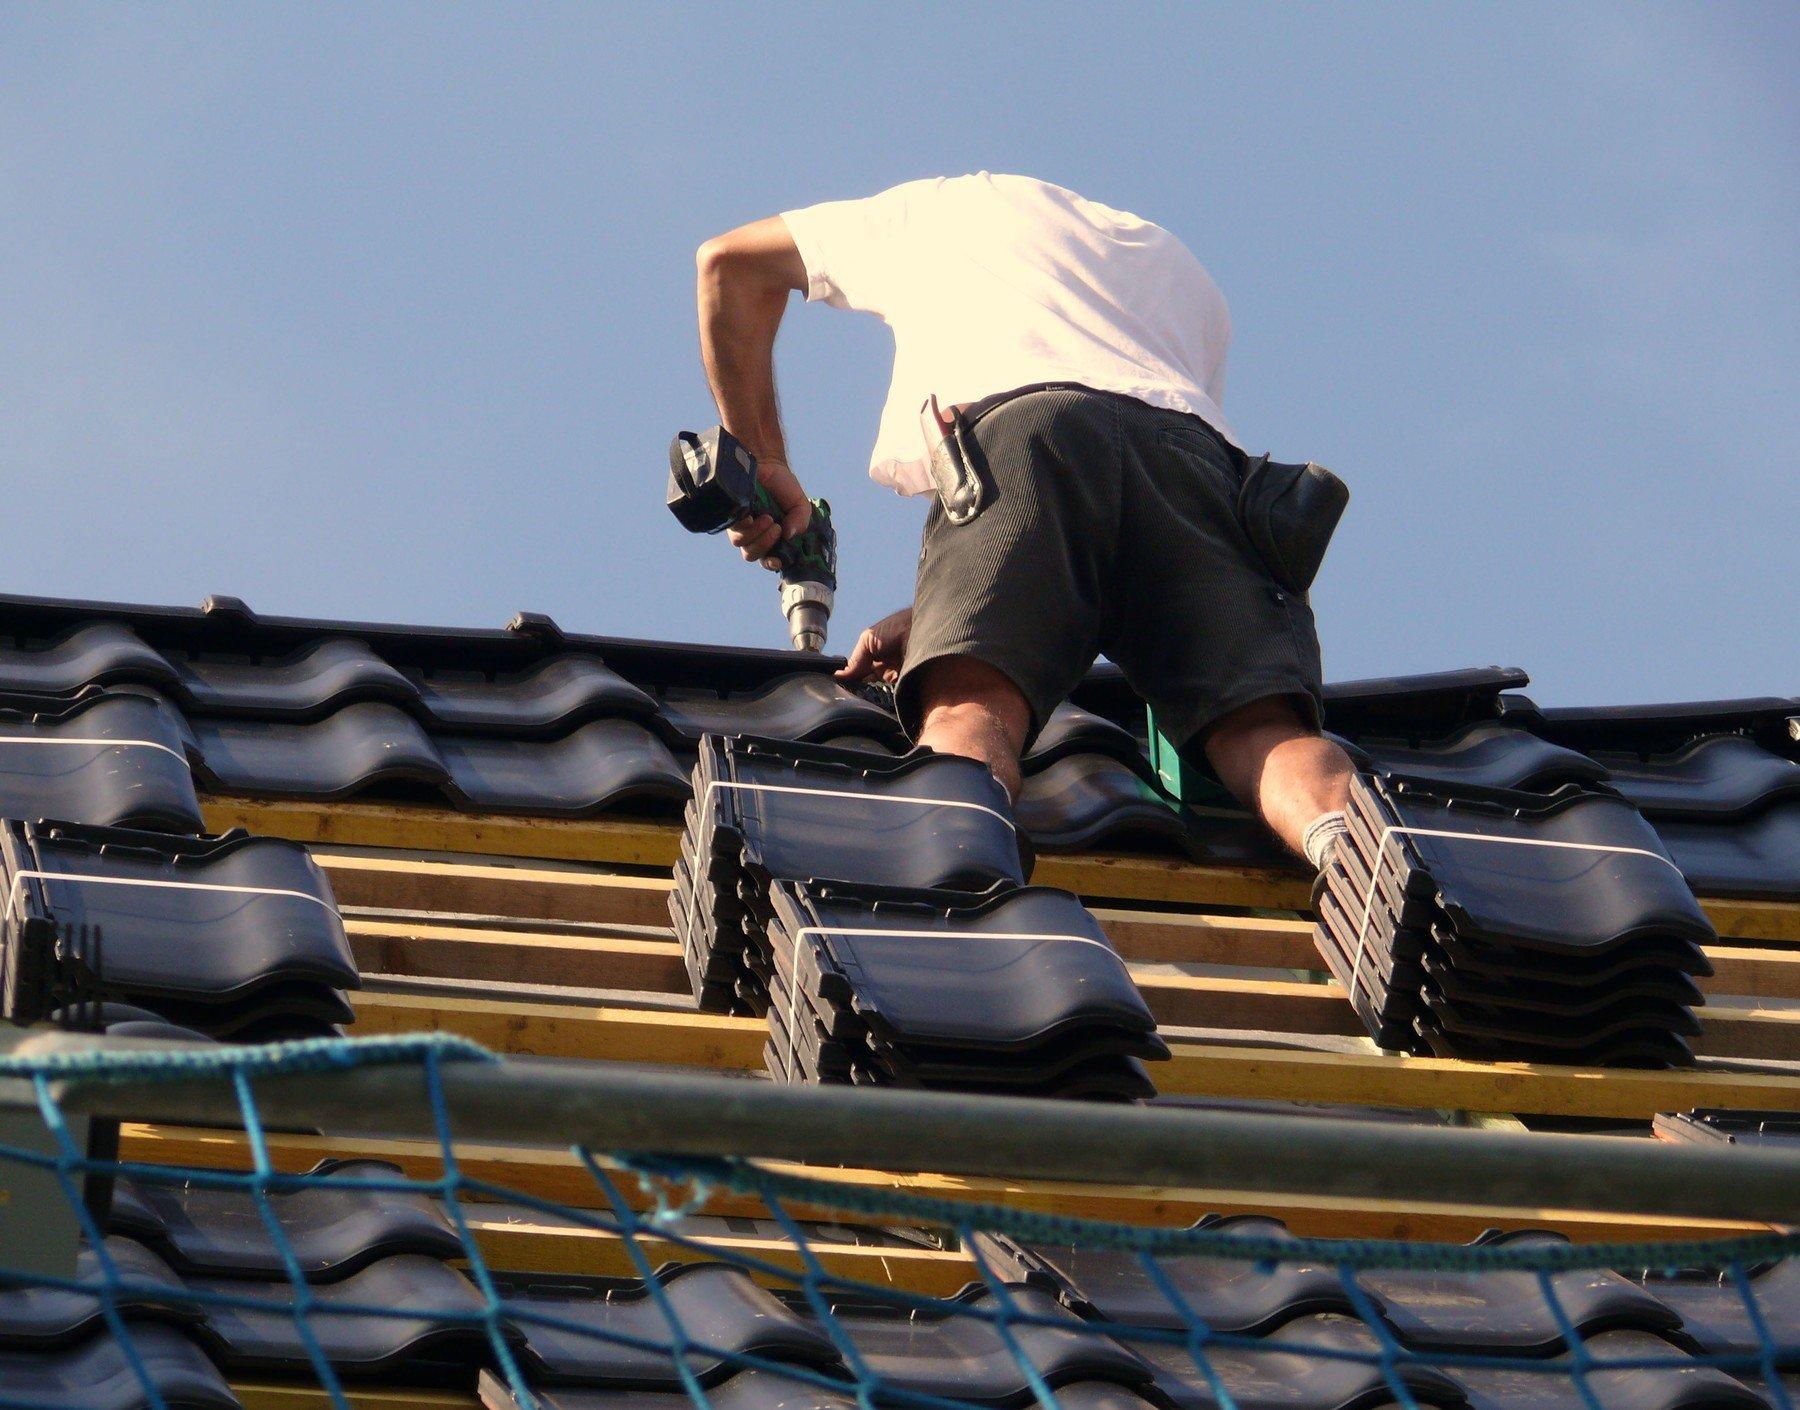 Pokrývač na střeše